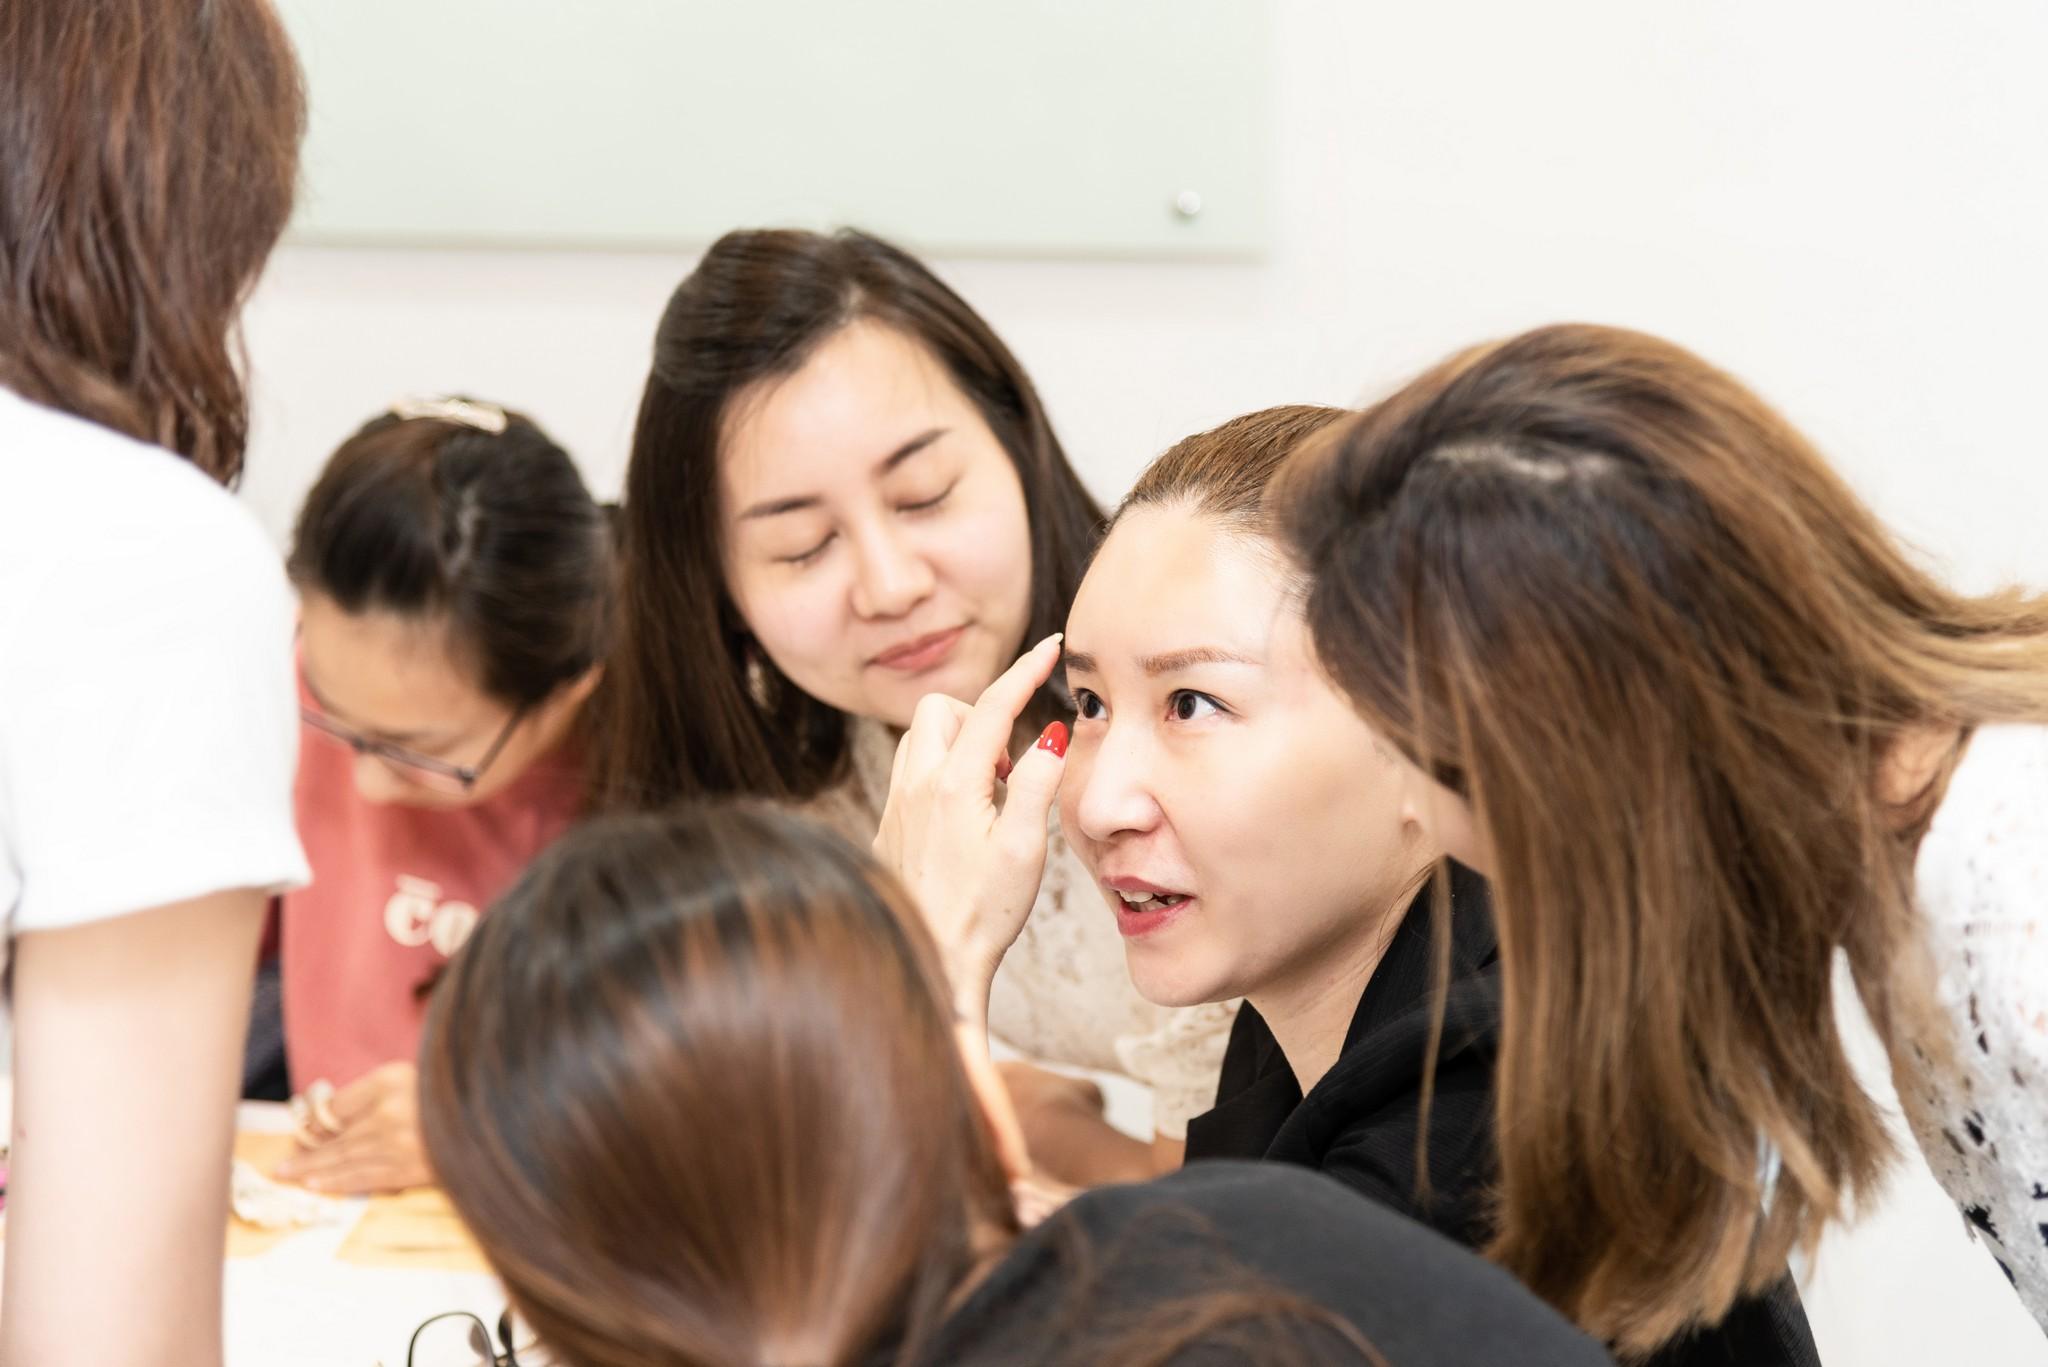 紋繡行銷作品 攝影行銷建立 從記錄課程互動開始